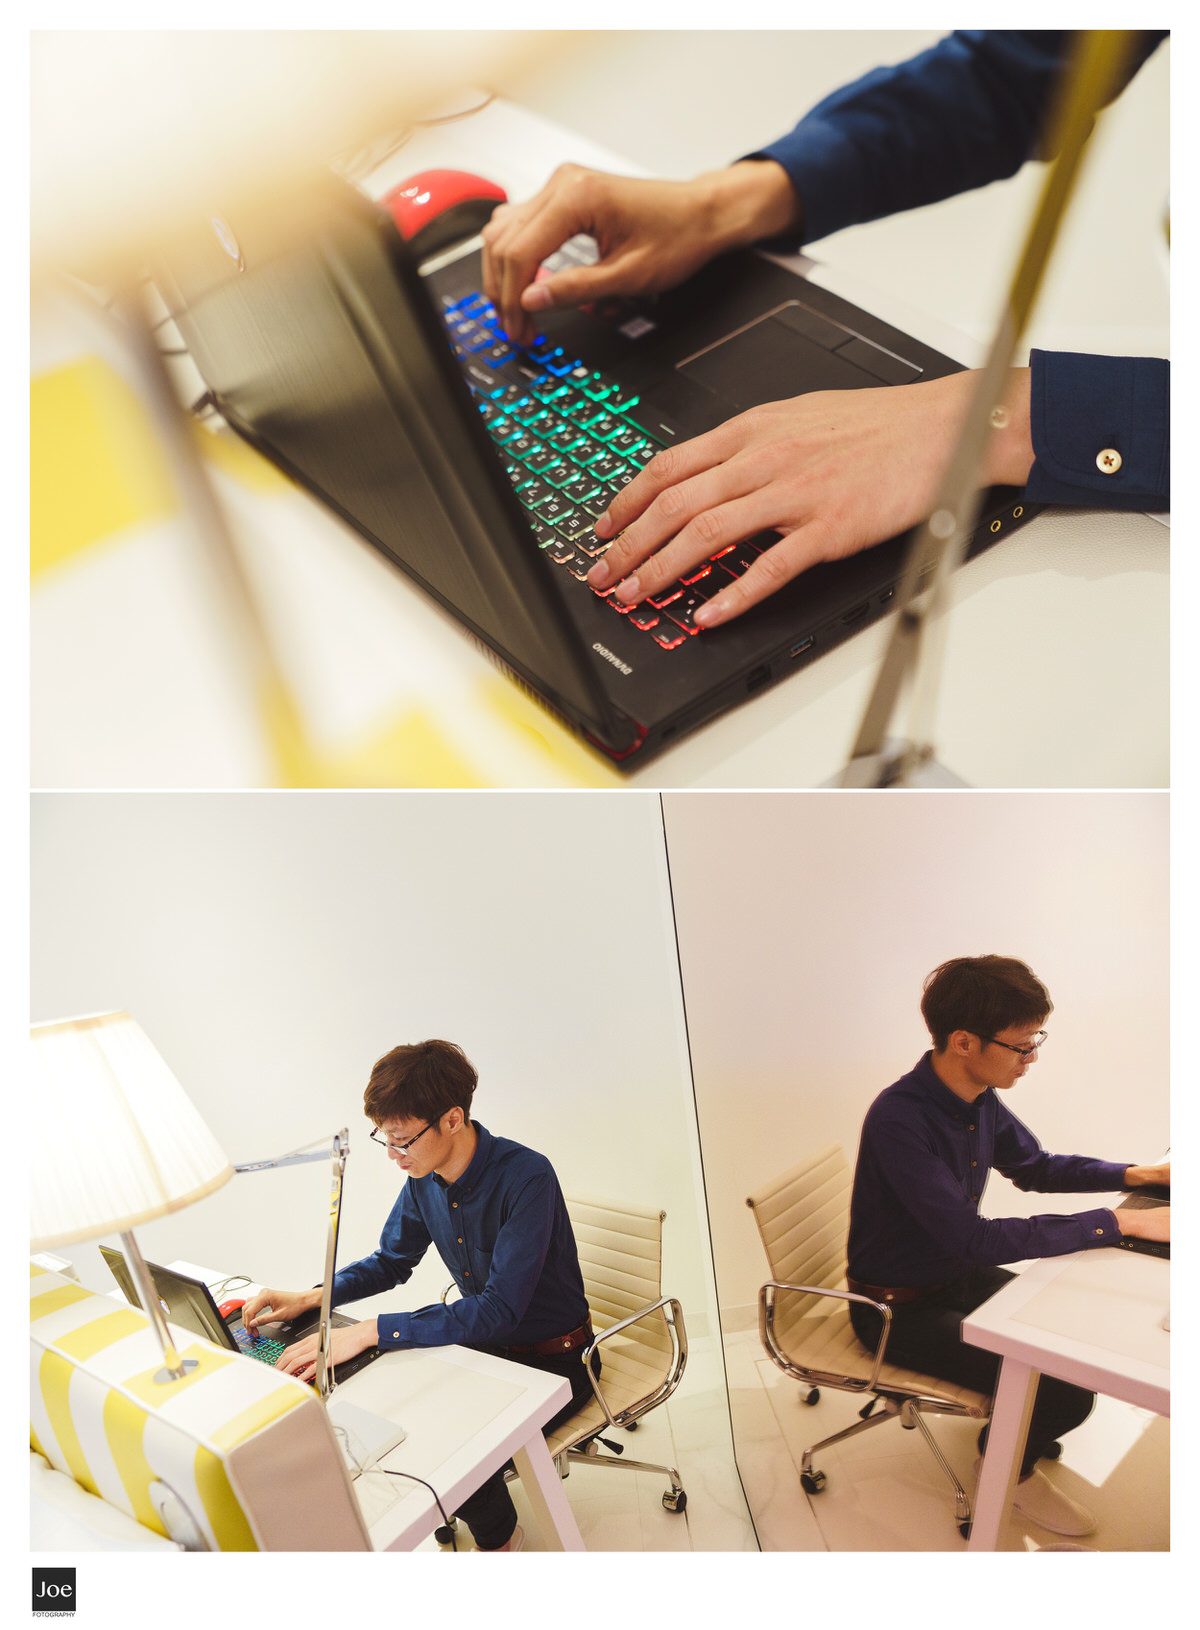 寫程式加班中的新郎...🤣